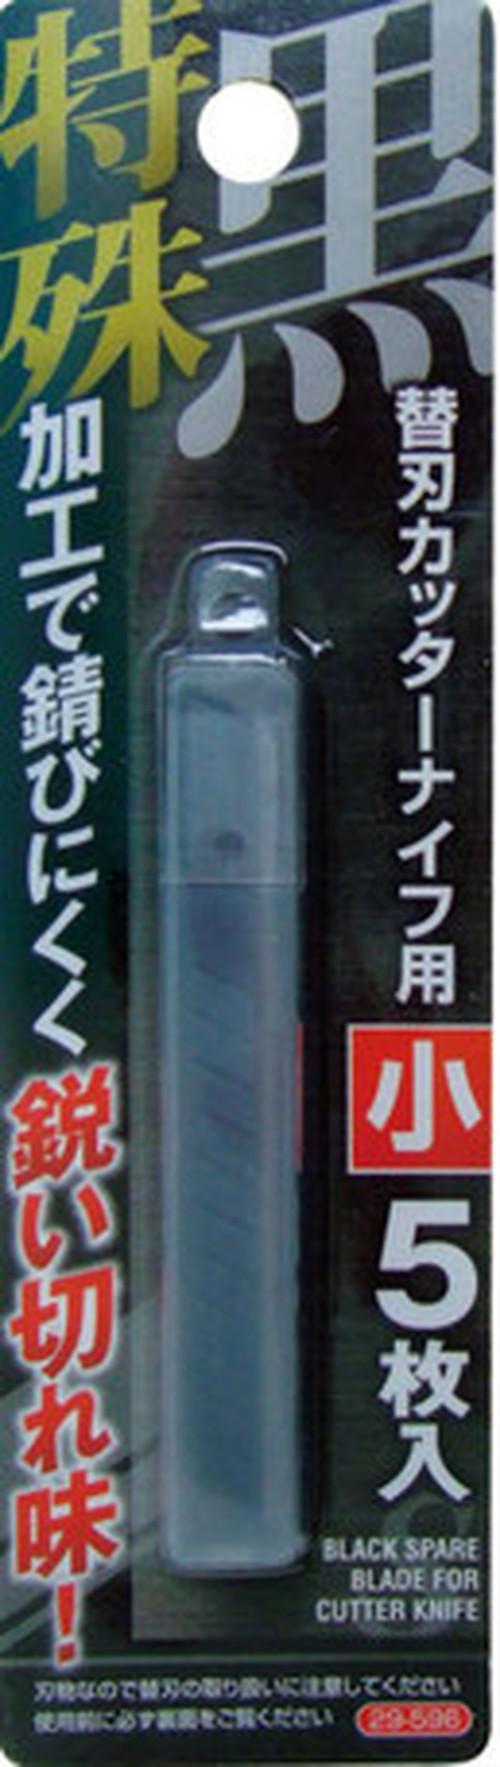 特殊加工黒刃カッターナイフ用替刃(小)